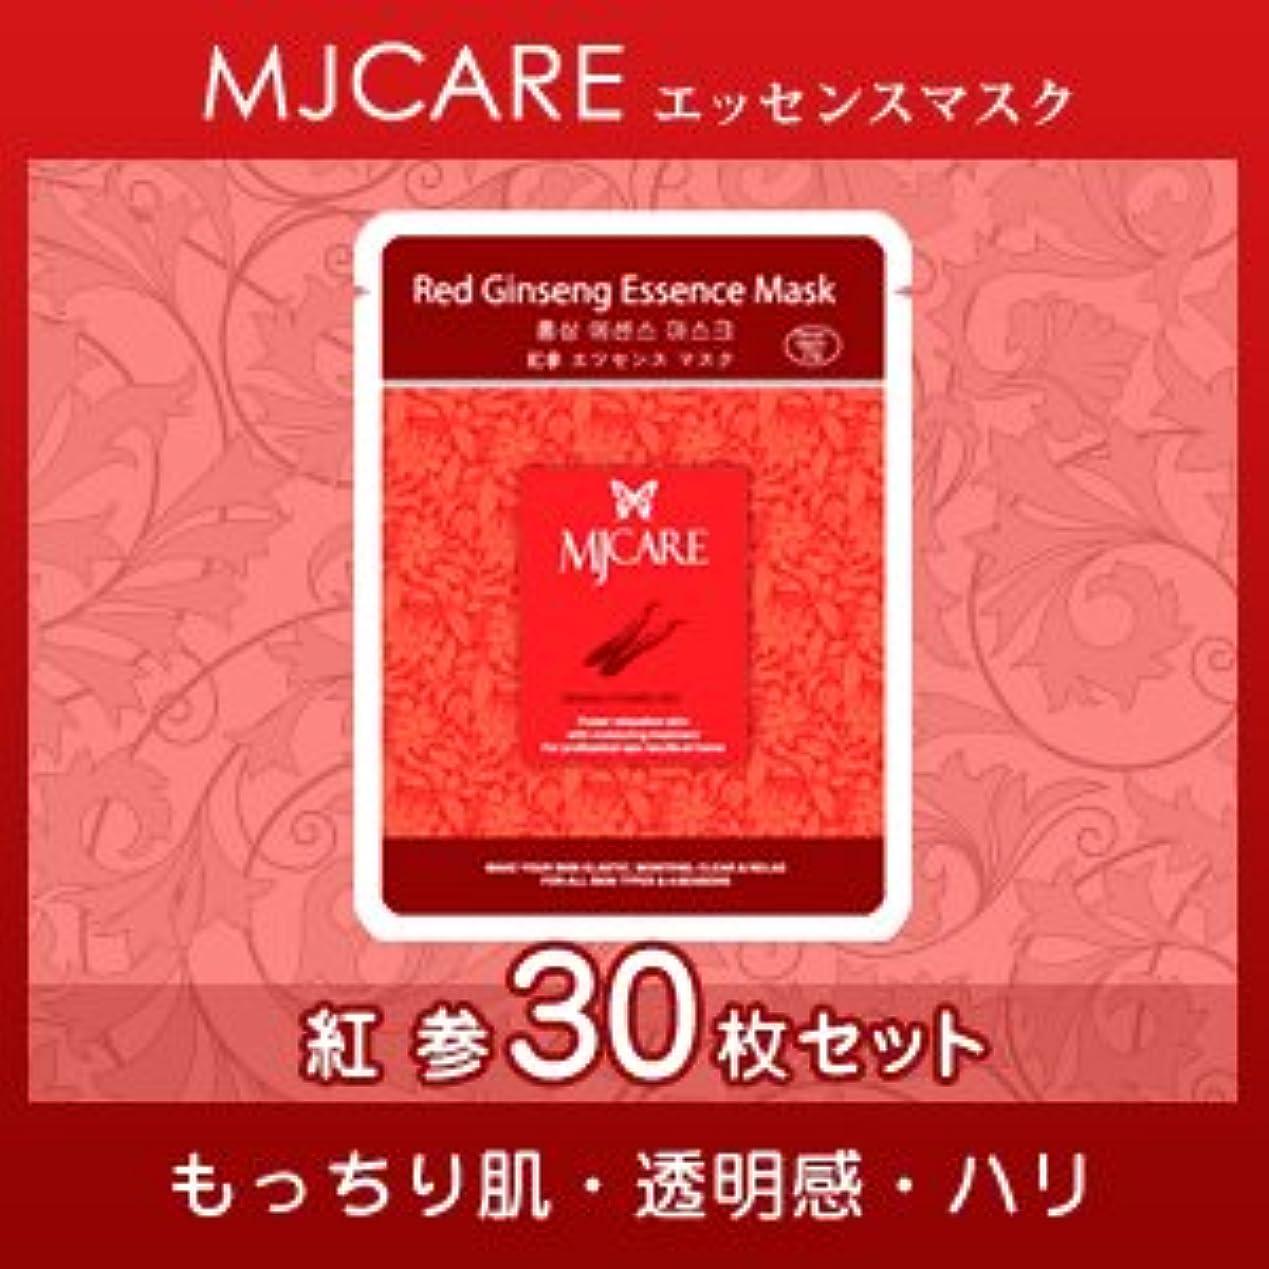 控える村間違いMJCARE (エムジェイケア) 紅参 エッセンスマスク 30セット